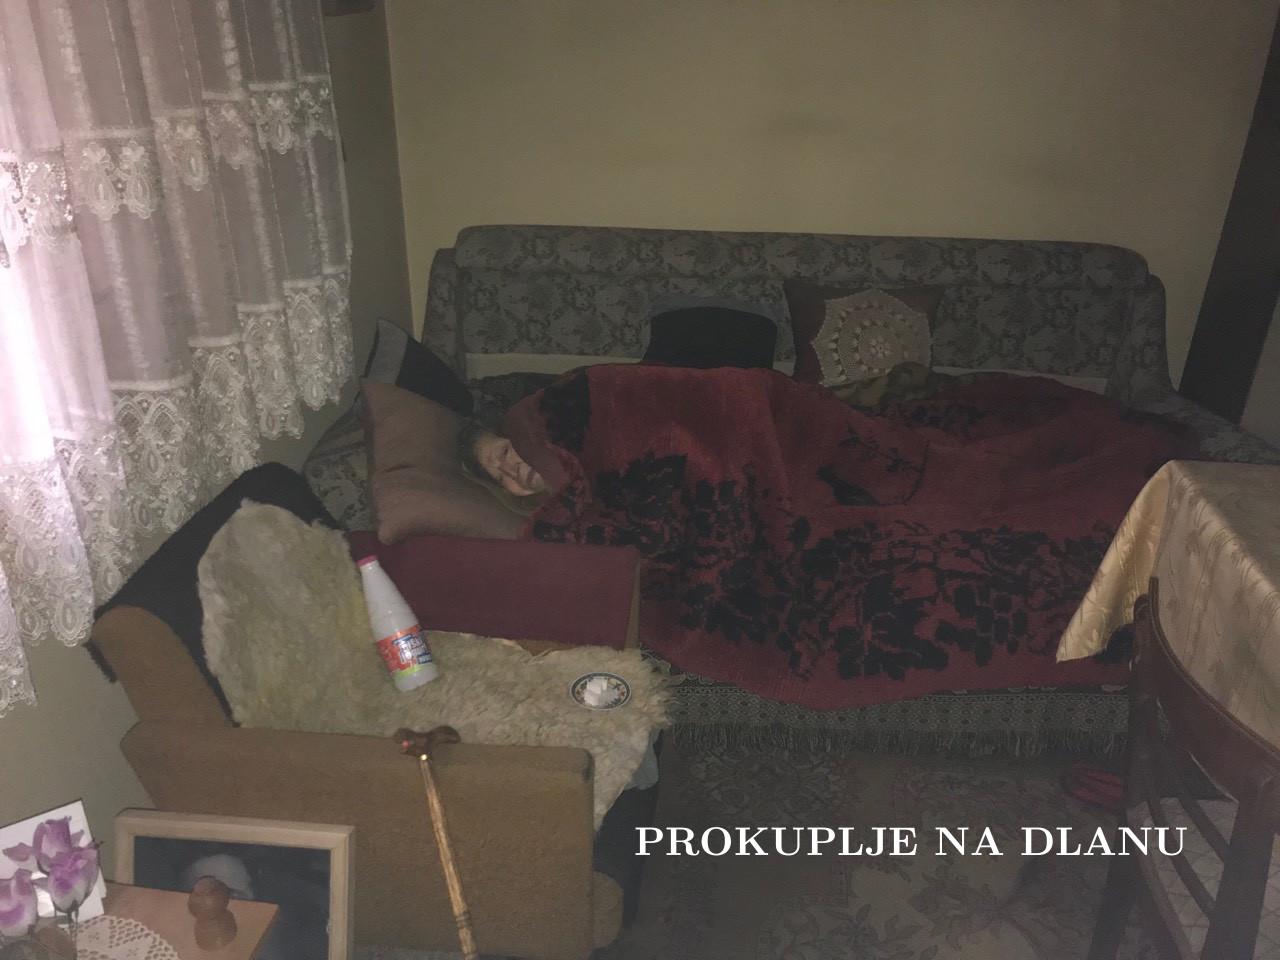 СТАРИЦА У МРАКУ ЗБОГ ДУГА ОД 22. 000 ДИНАРА